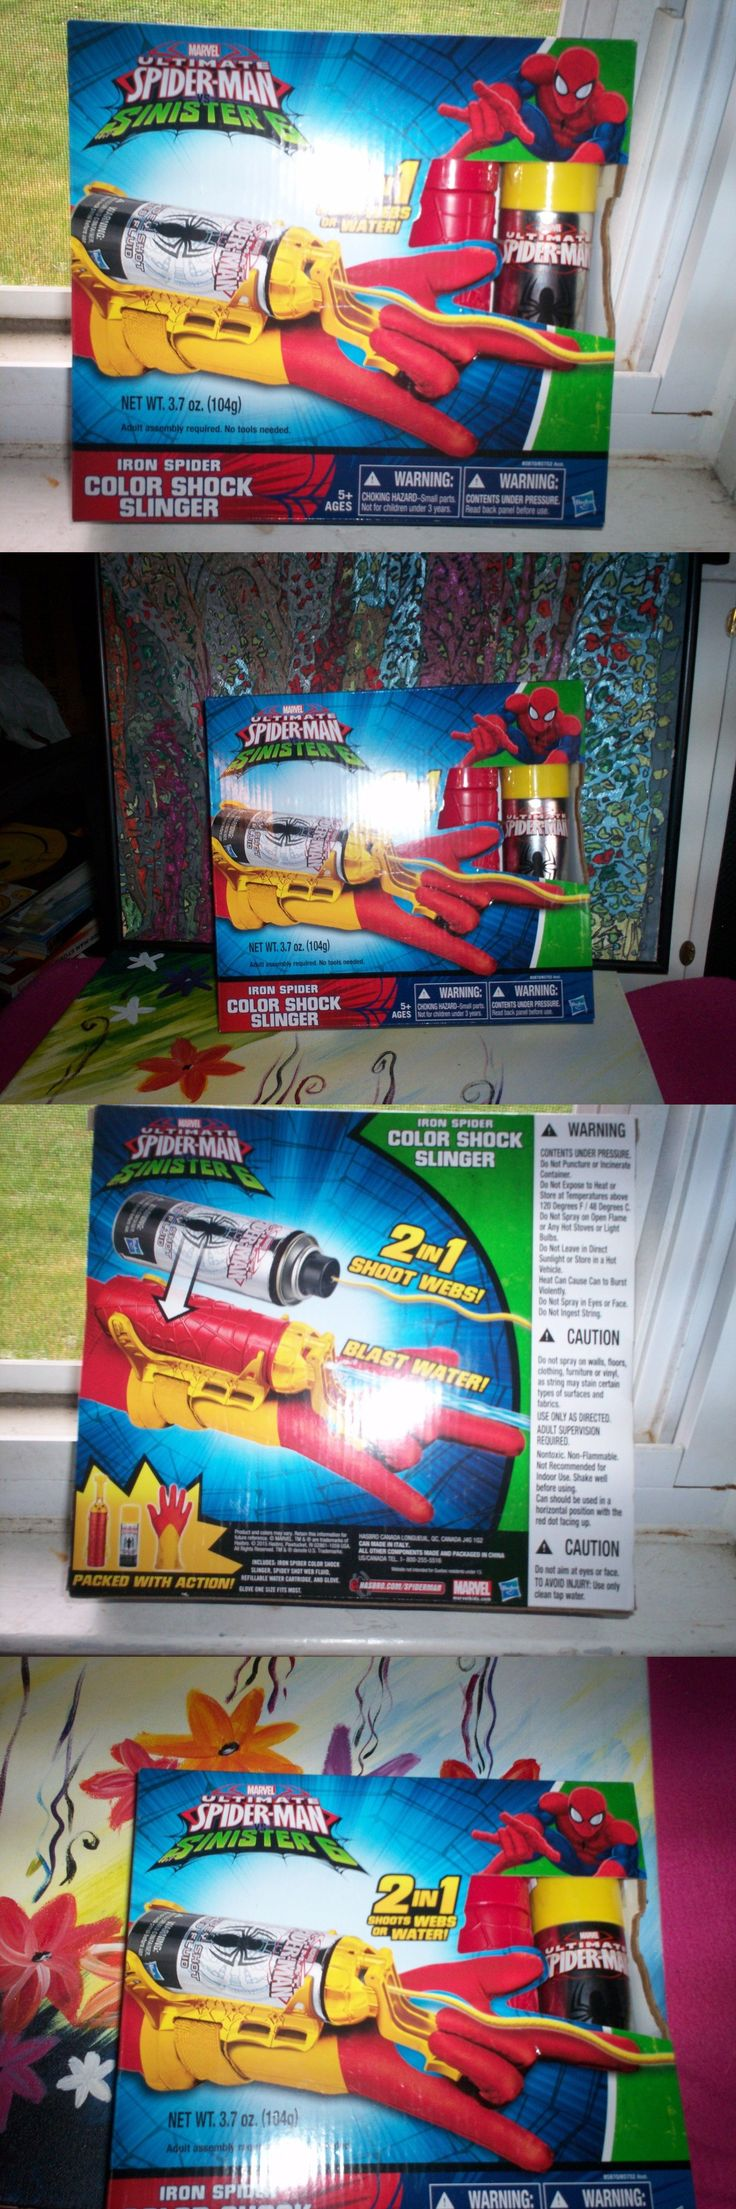 Spider-Man 146094: Nib Marvel Ultimate Spider Man Sinister 6 Color Shock Slinger 5+ 2 In1 -> BUY IT NOW ONLY: $30 on eBay!